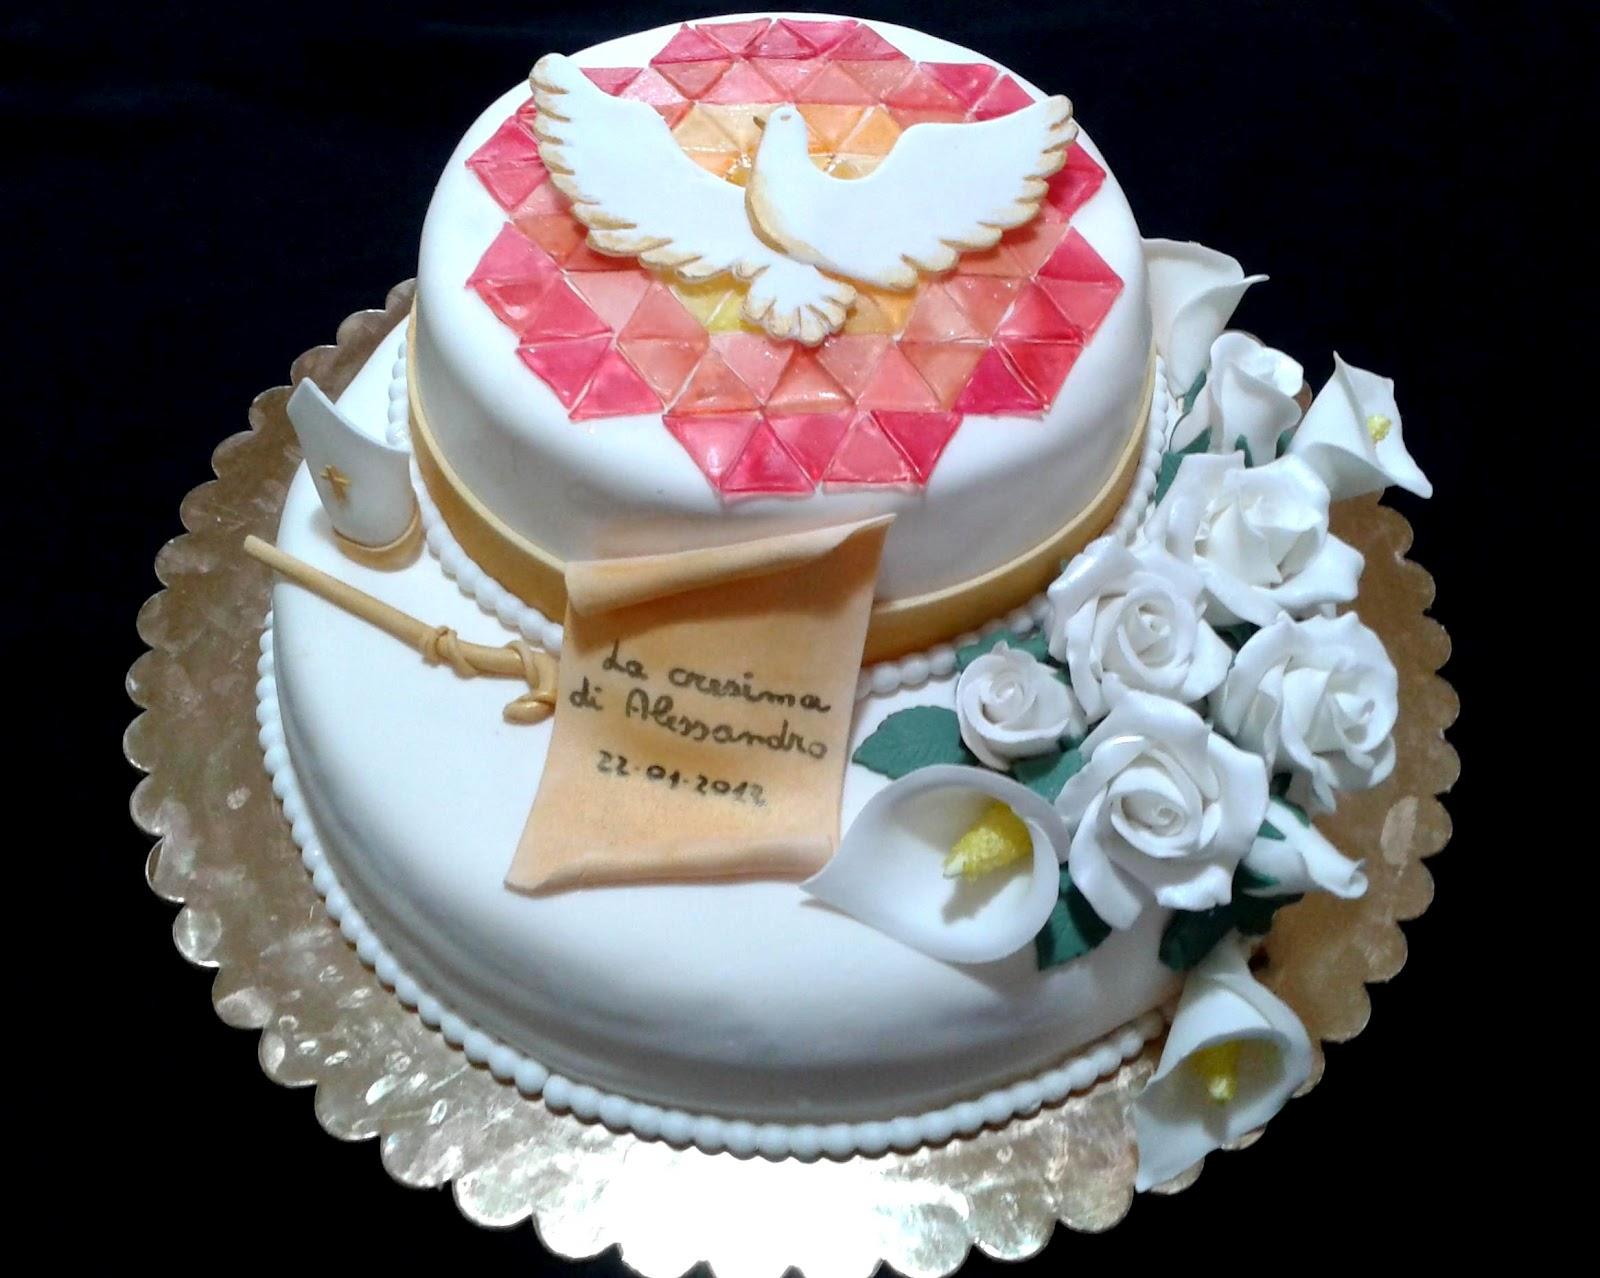 Alessandra e i suoi dolci torta cresima for Nuovi piani domestici con le foto